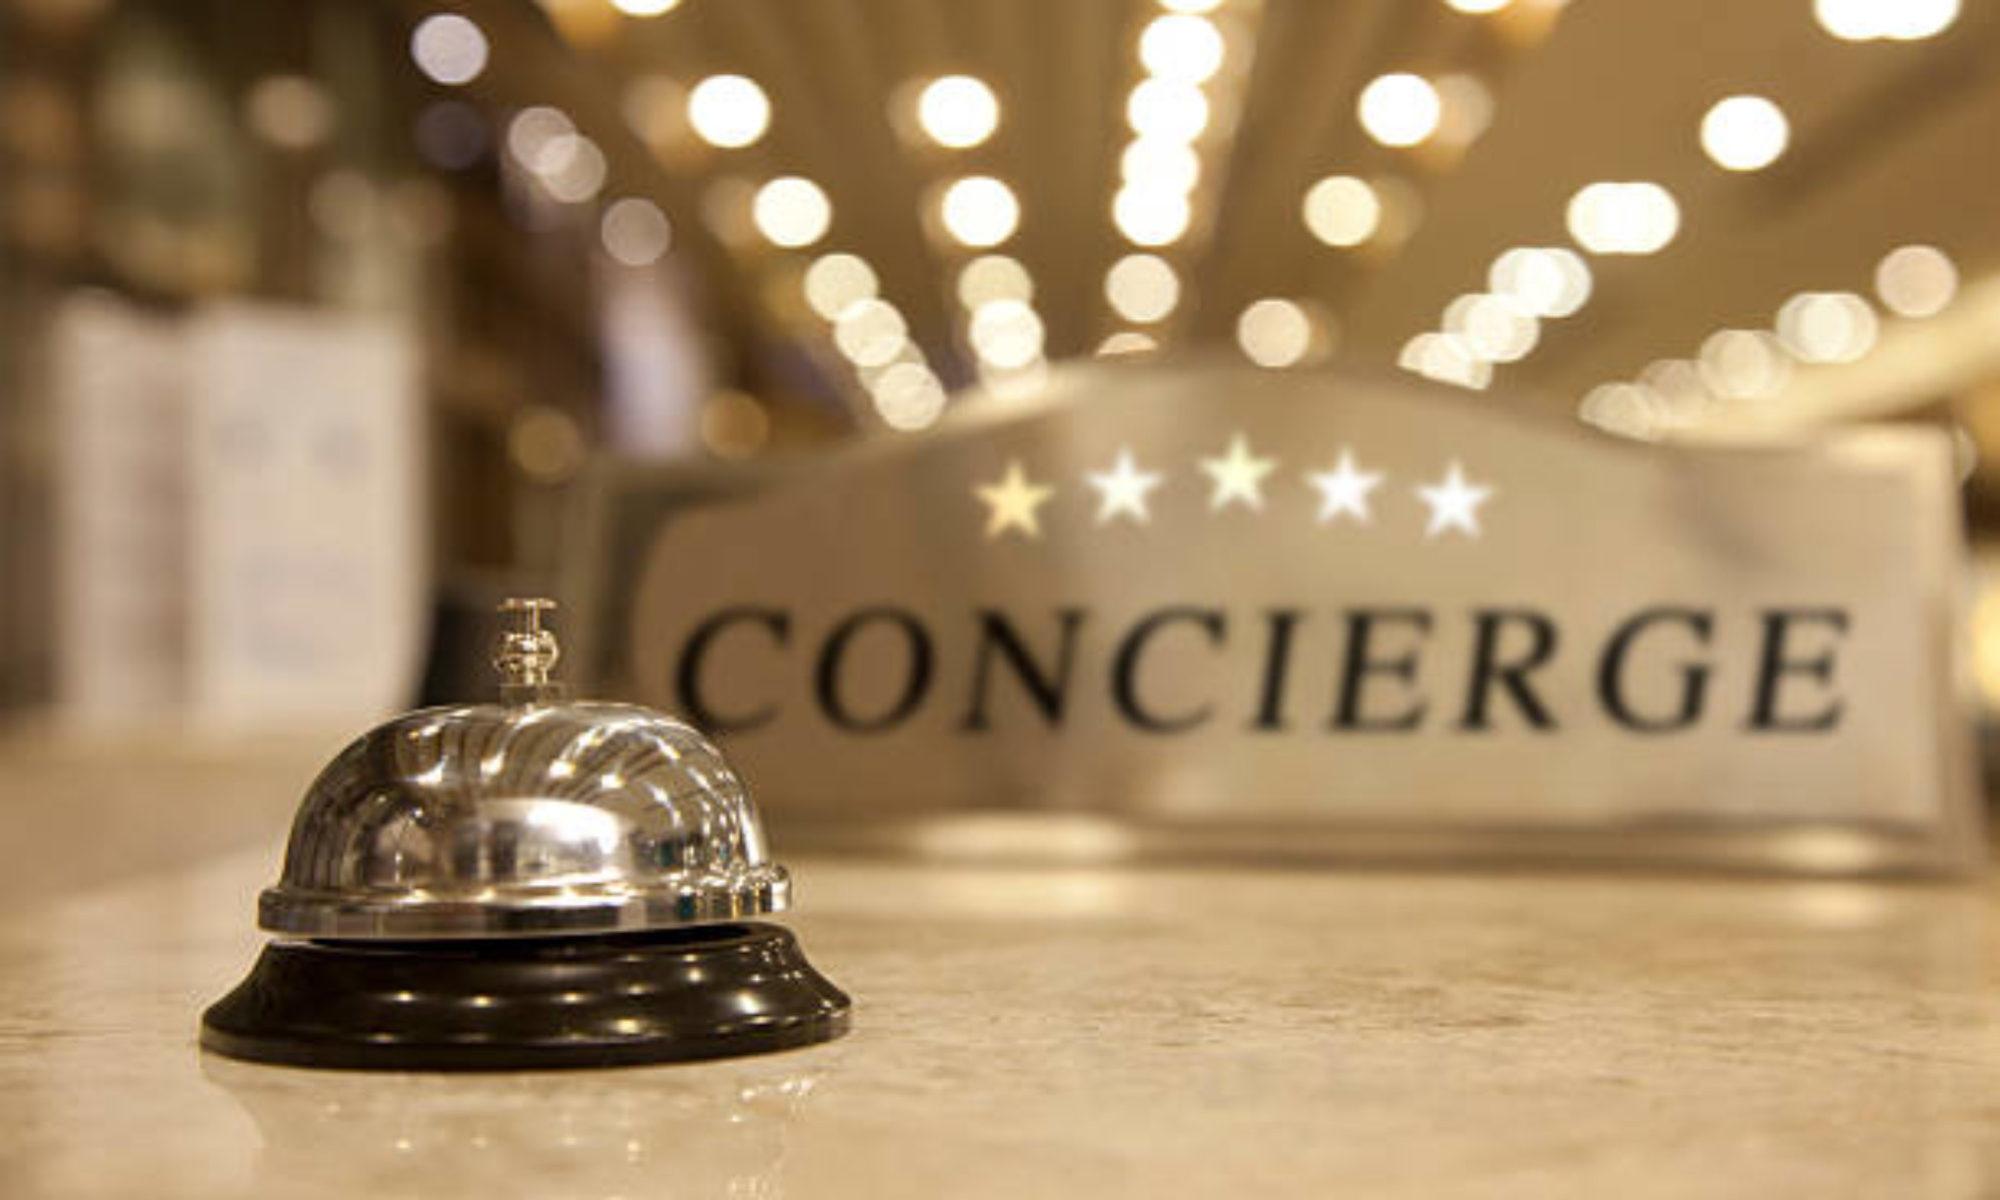 Keller Concierge